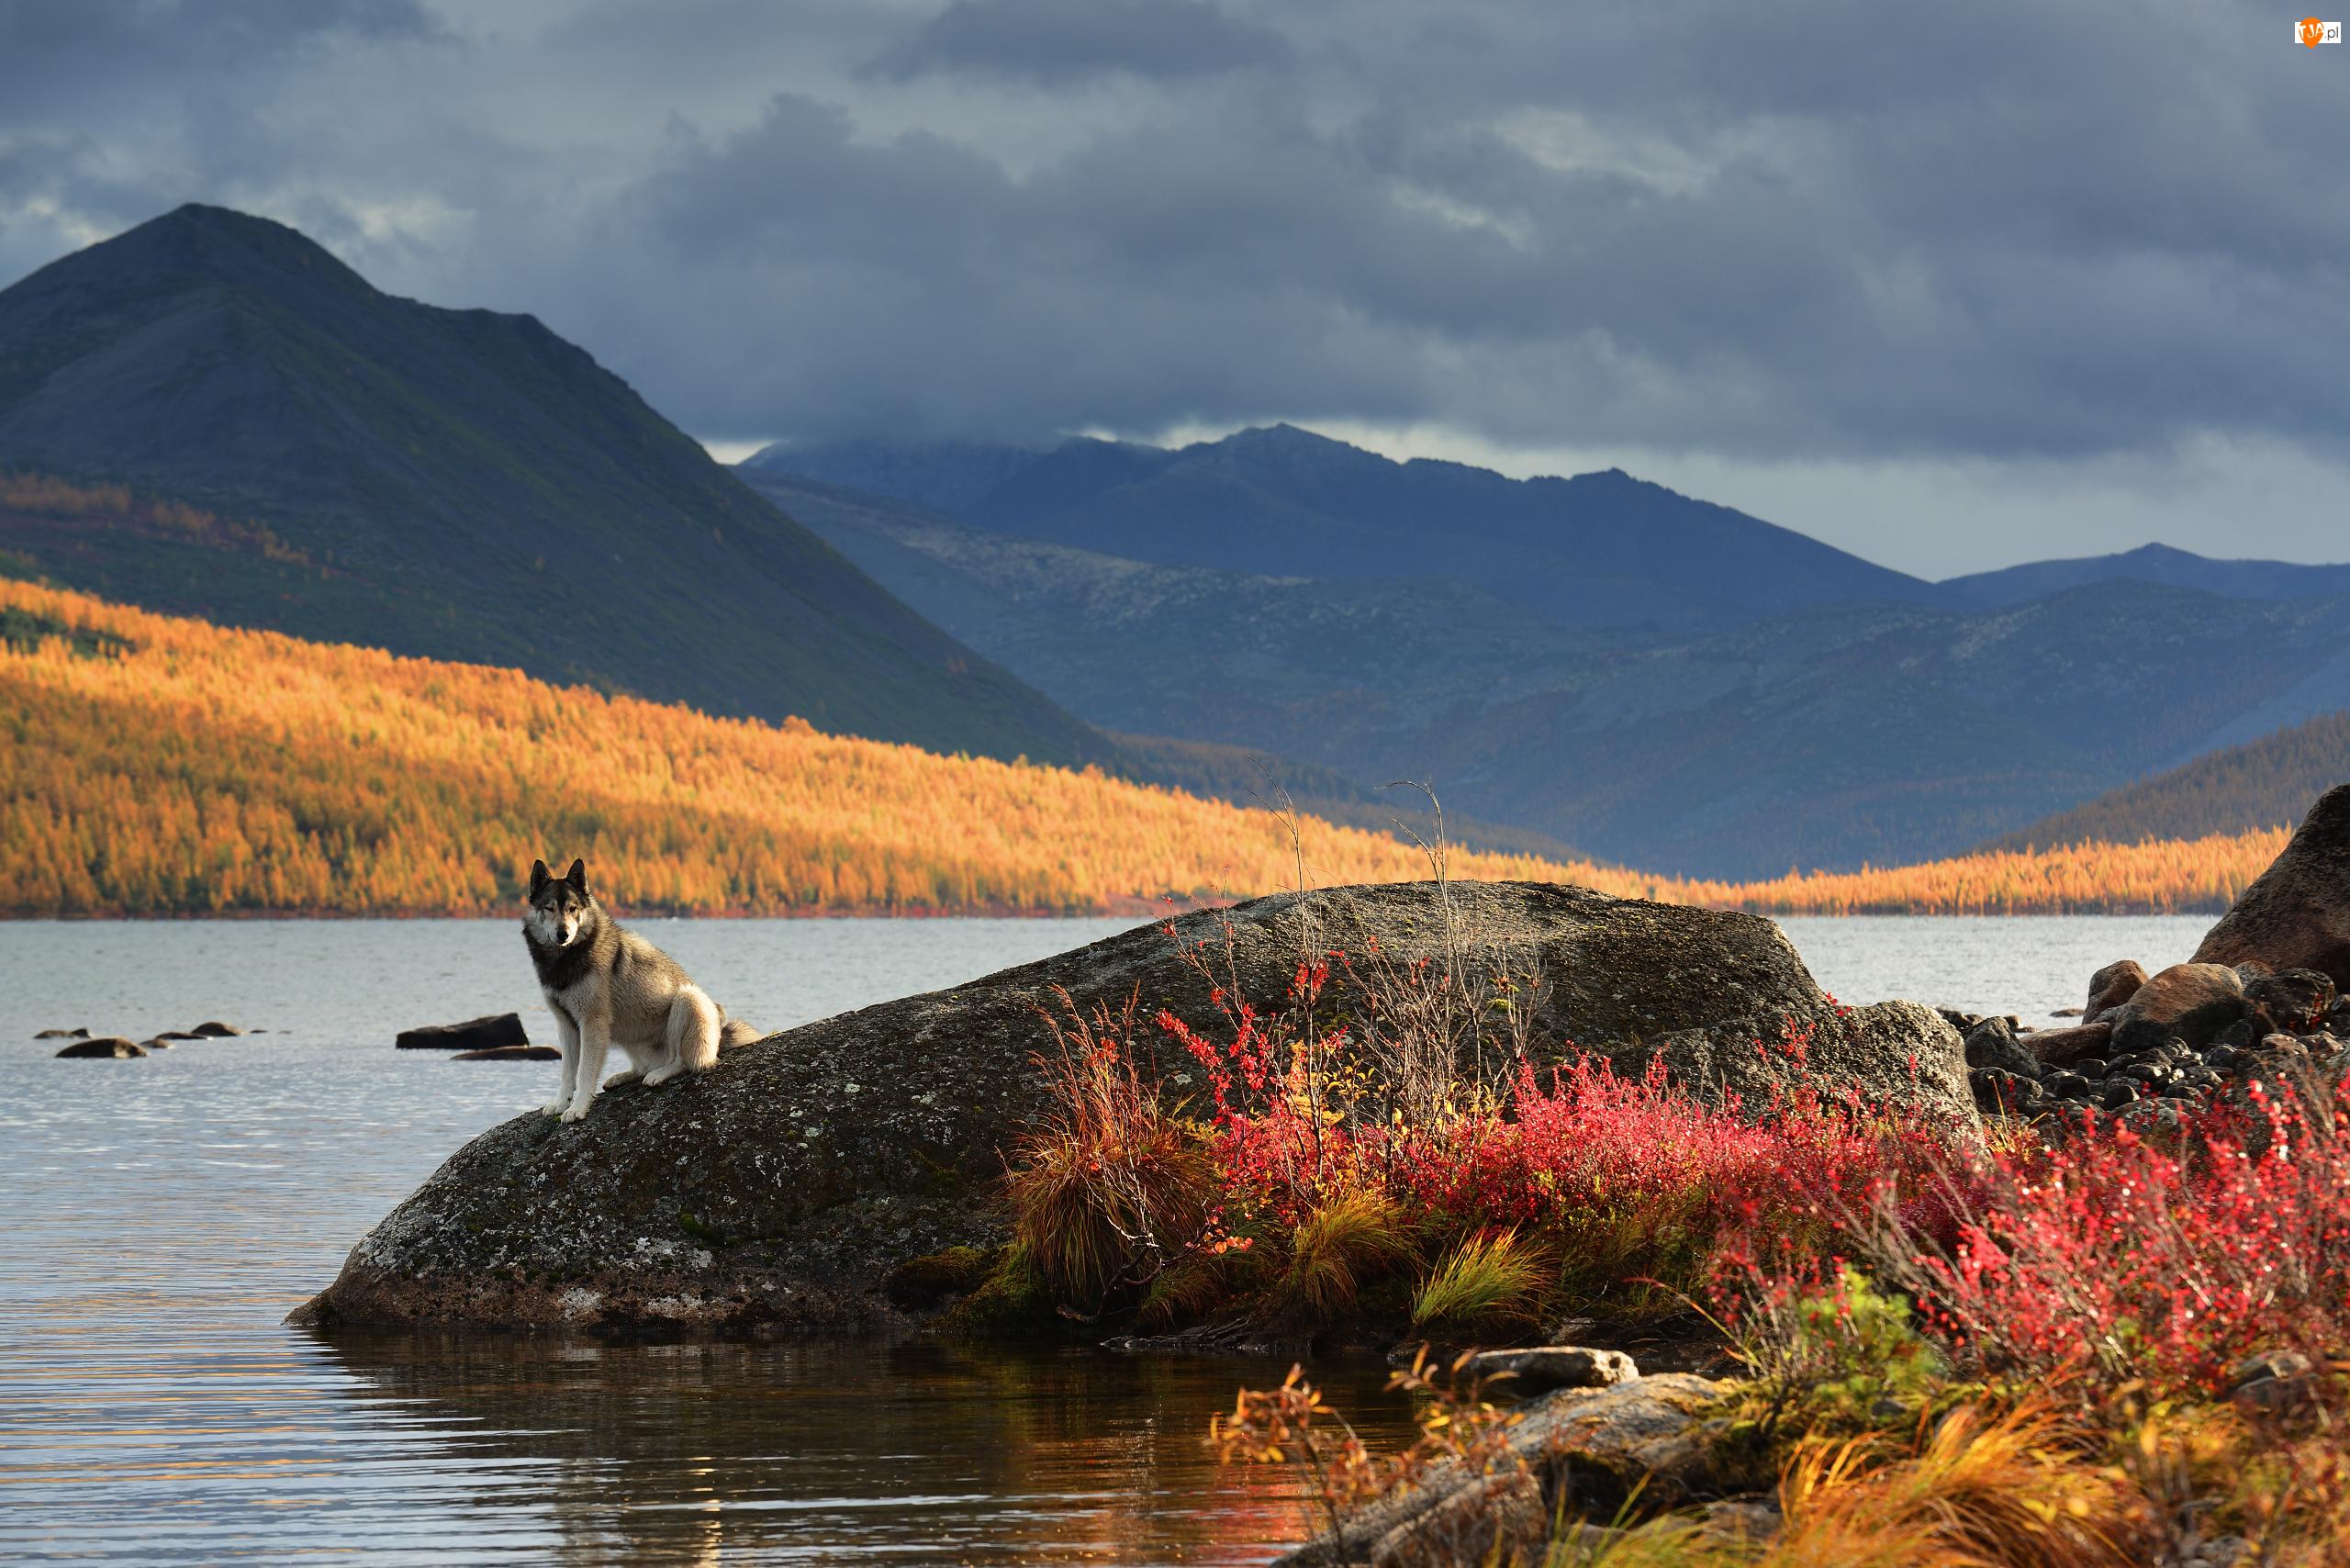 Góry Kołymskie, Jezioro Jack London, Jesień, Rosja, Pies, Kołyma